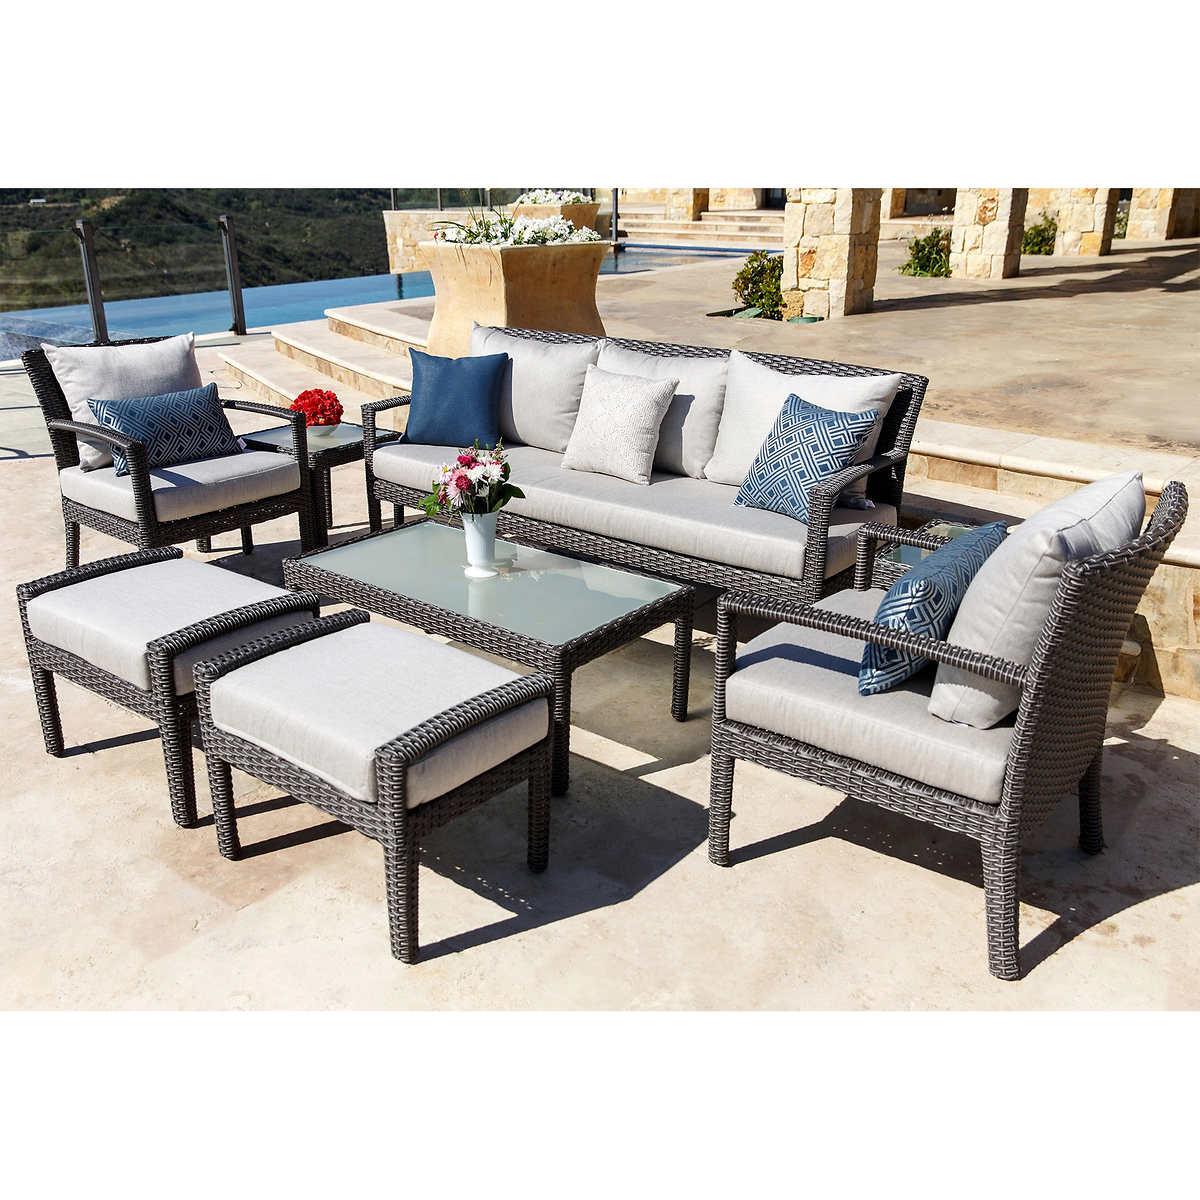 Gray Patio Furniture Costco